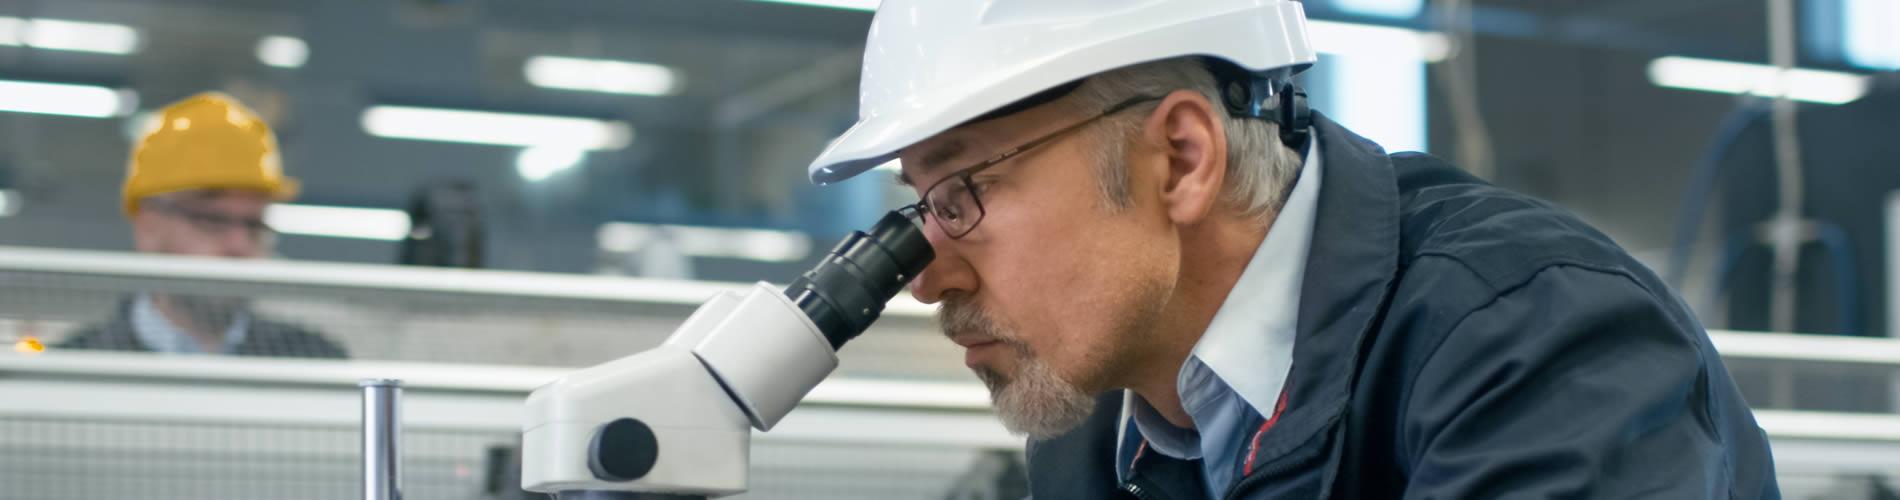 Brille für Arbeitsschutz - Optik Zach Aschaffenburg